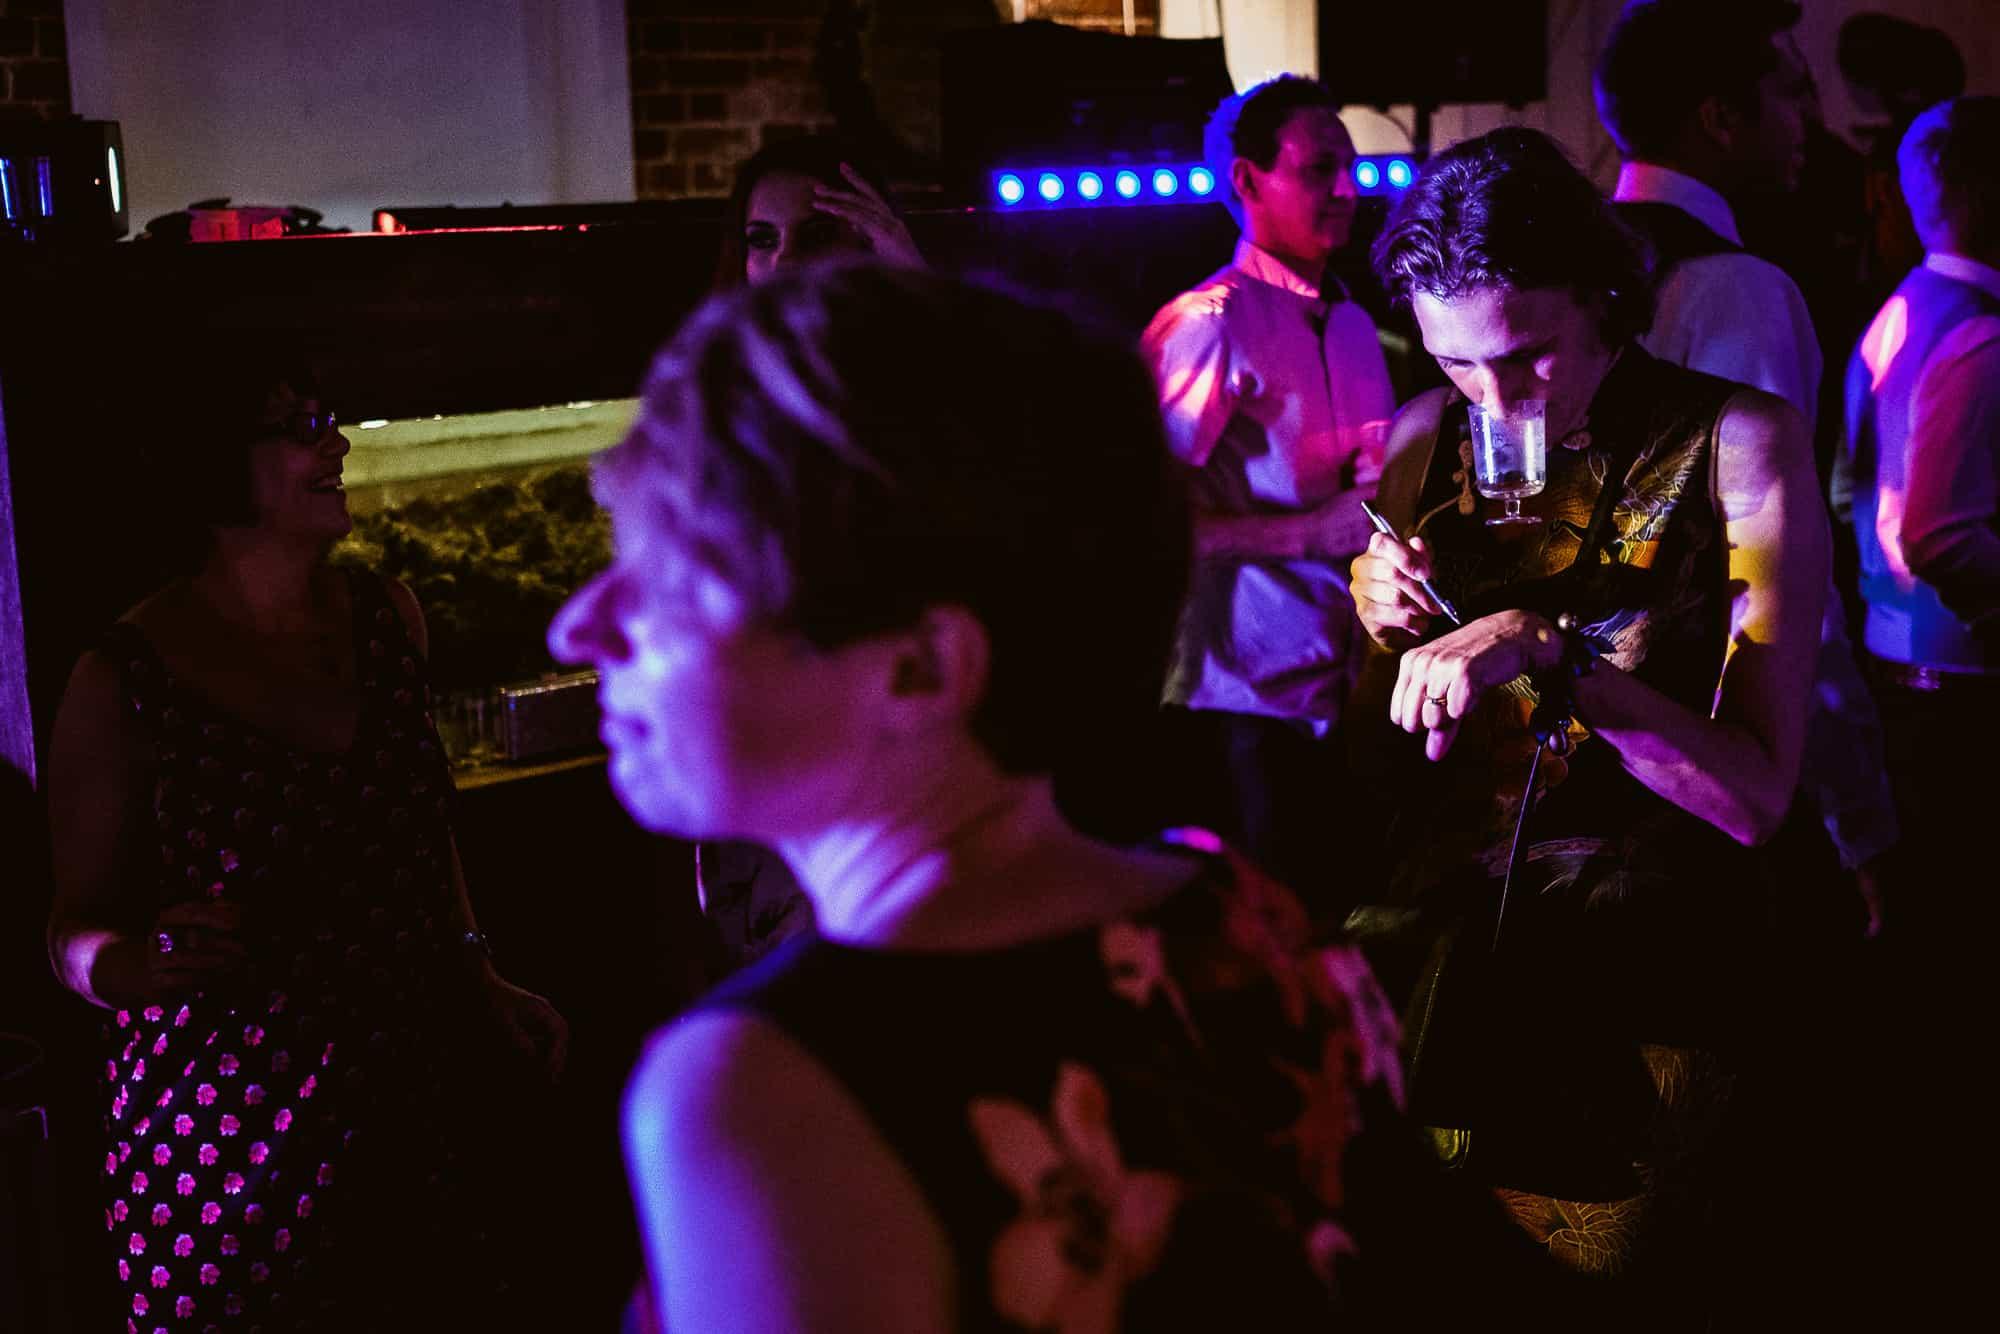 east-quay-wedding-photography-matt-tyler-0107